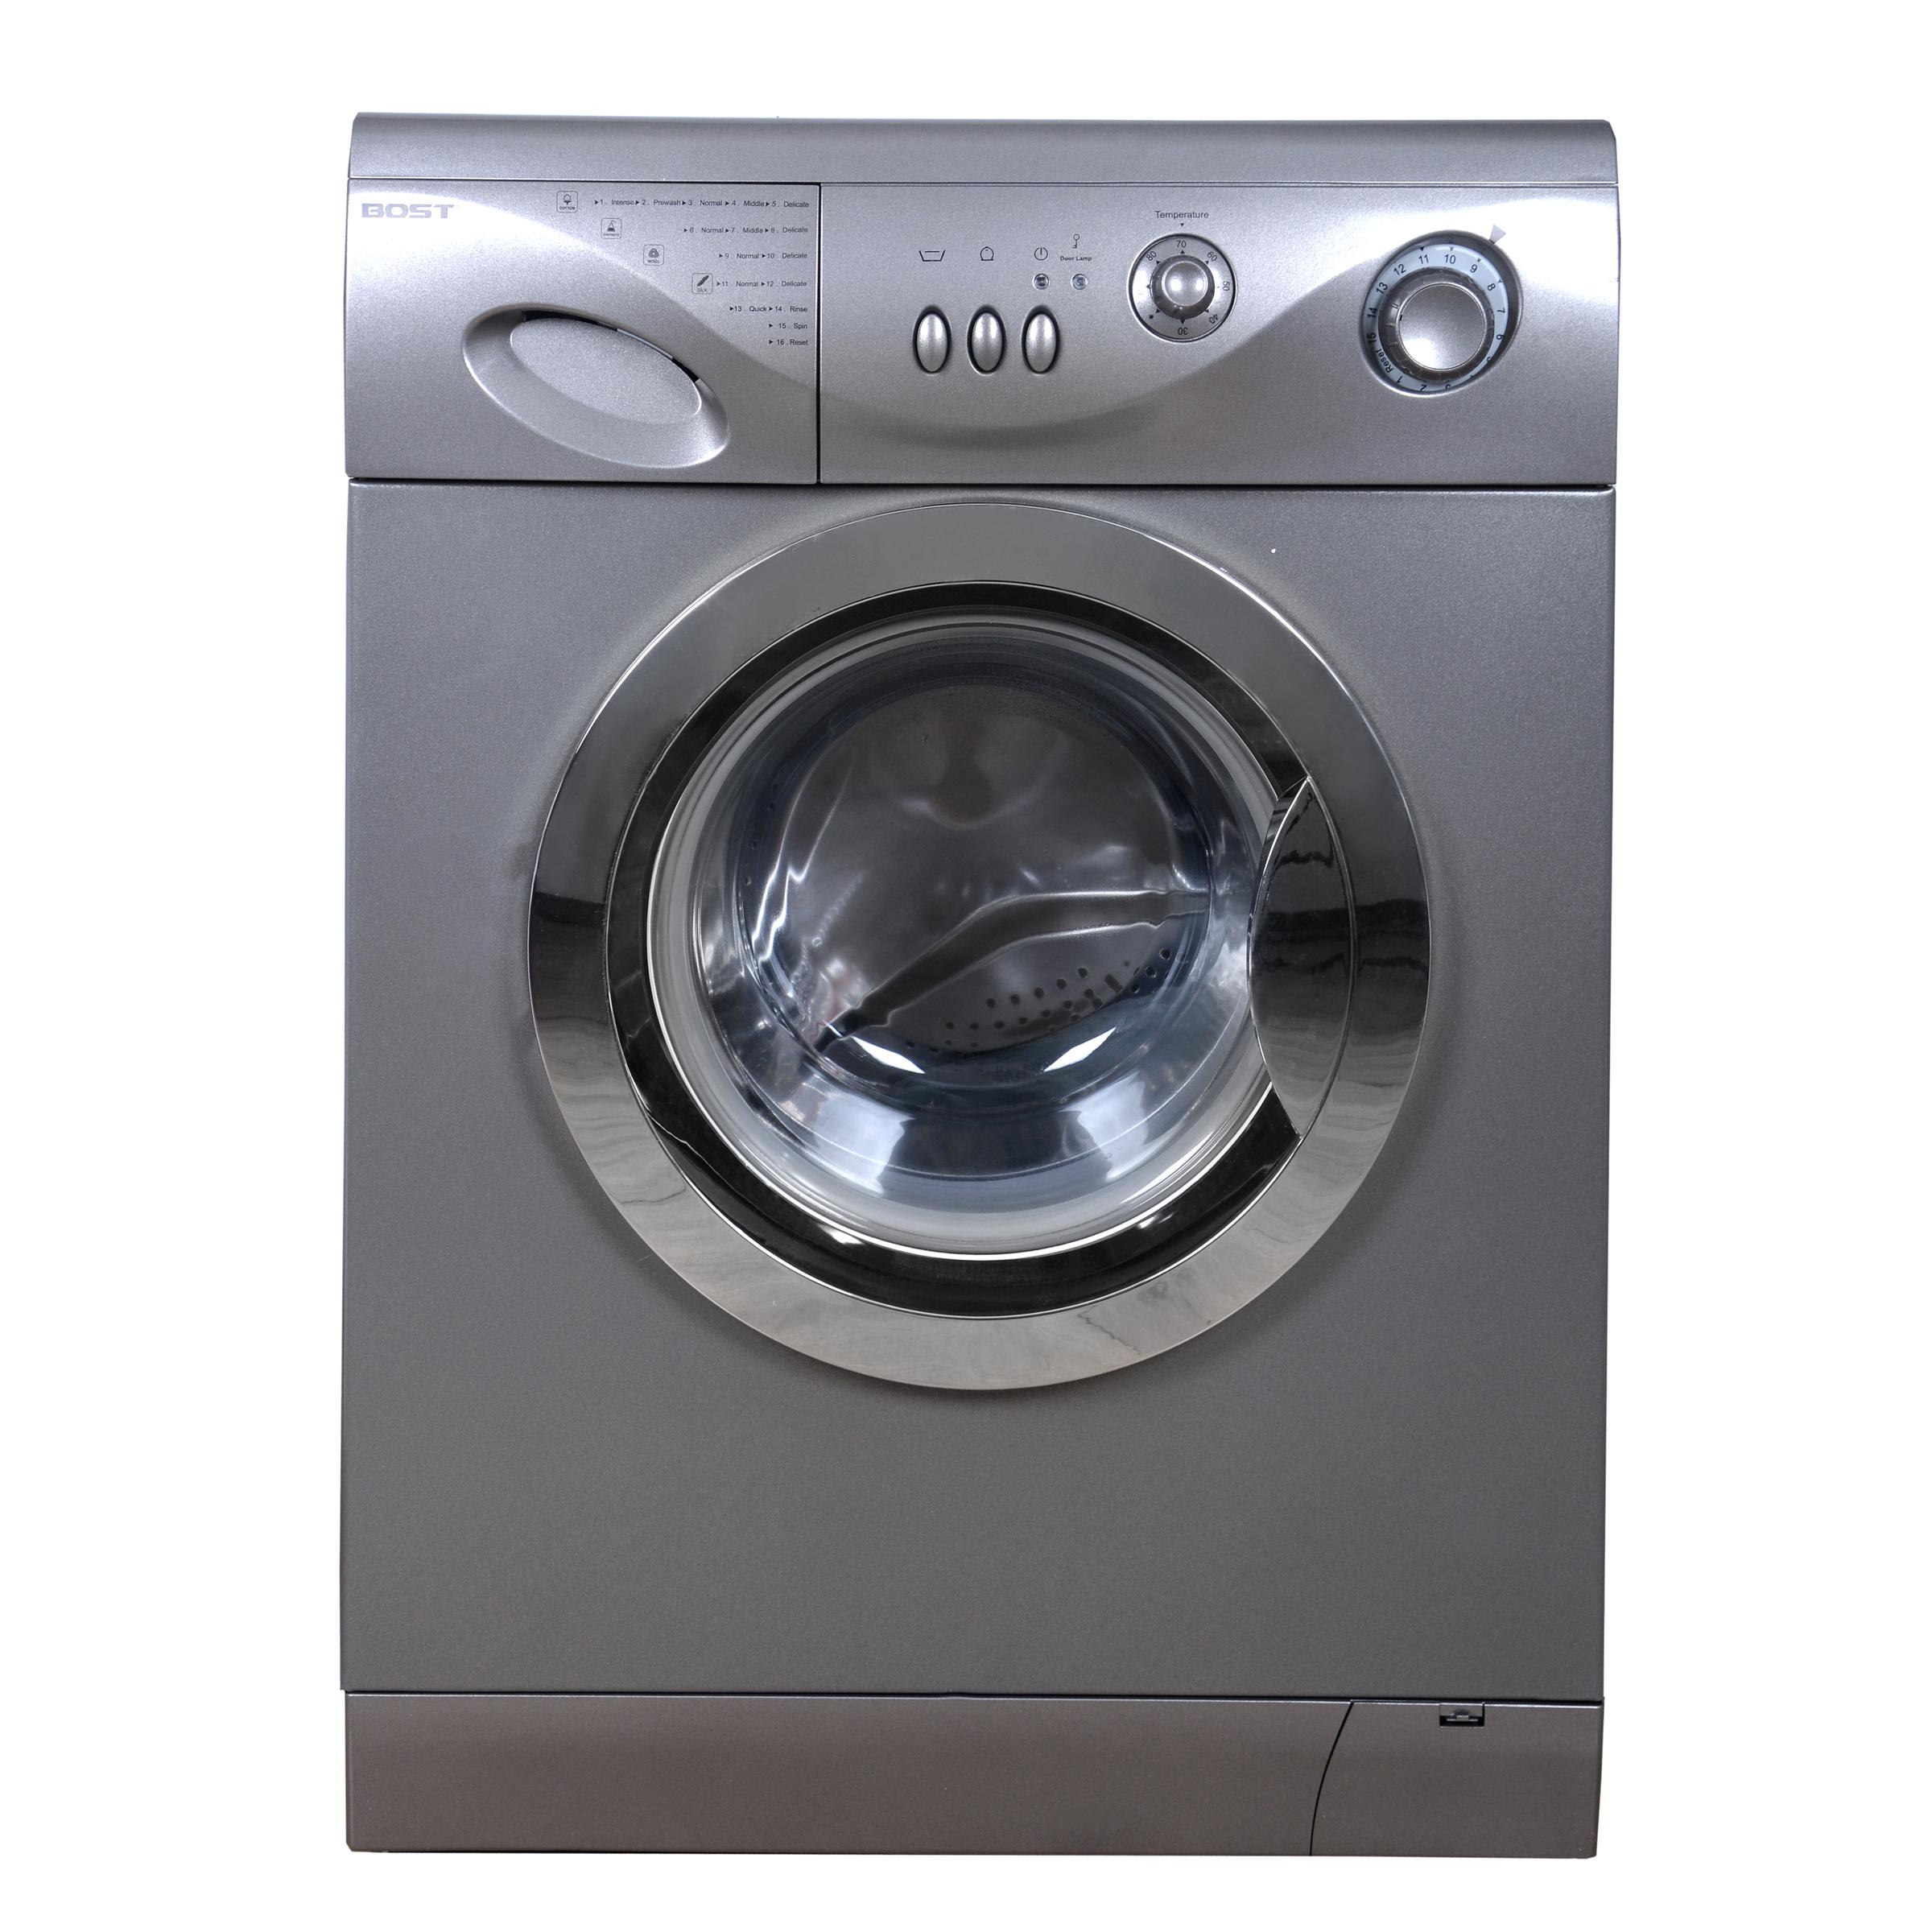 ماشین لباسشویی بست مدل BWD-5820 ظرفیت 5 کیلوگرم